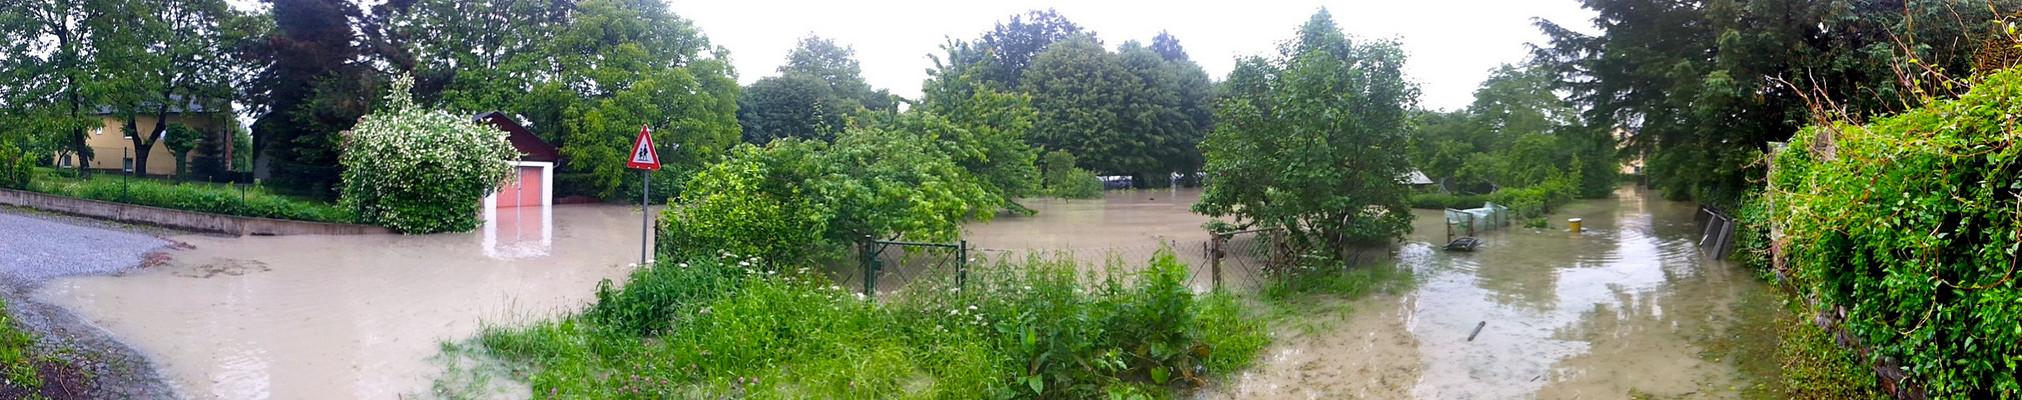 Hochwasser in Ottensheim